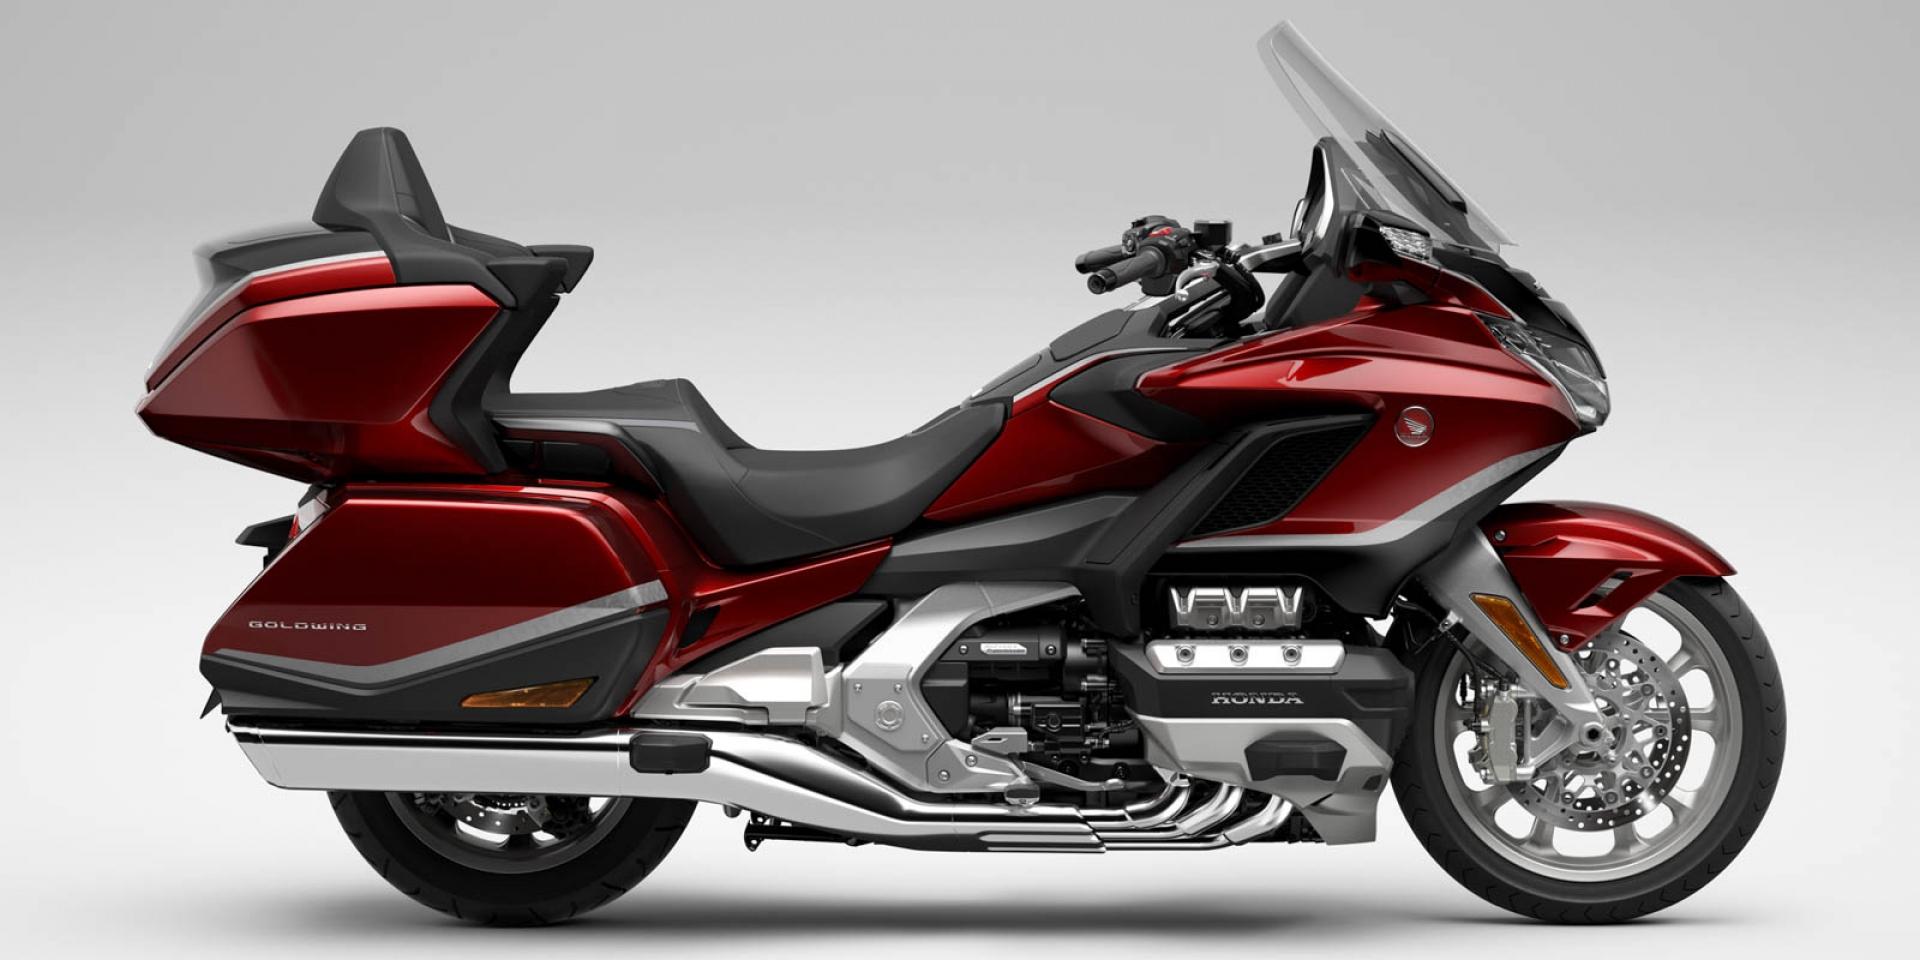 官方新聞稿。Honda Motorcycle 2021 GOLDWING尊爵豪華 榮耀登場 預接售價119.8萬起